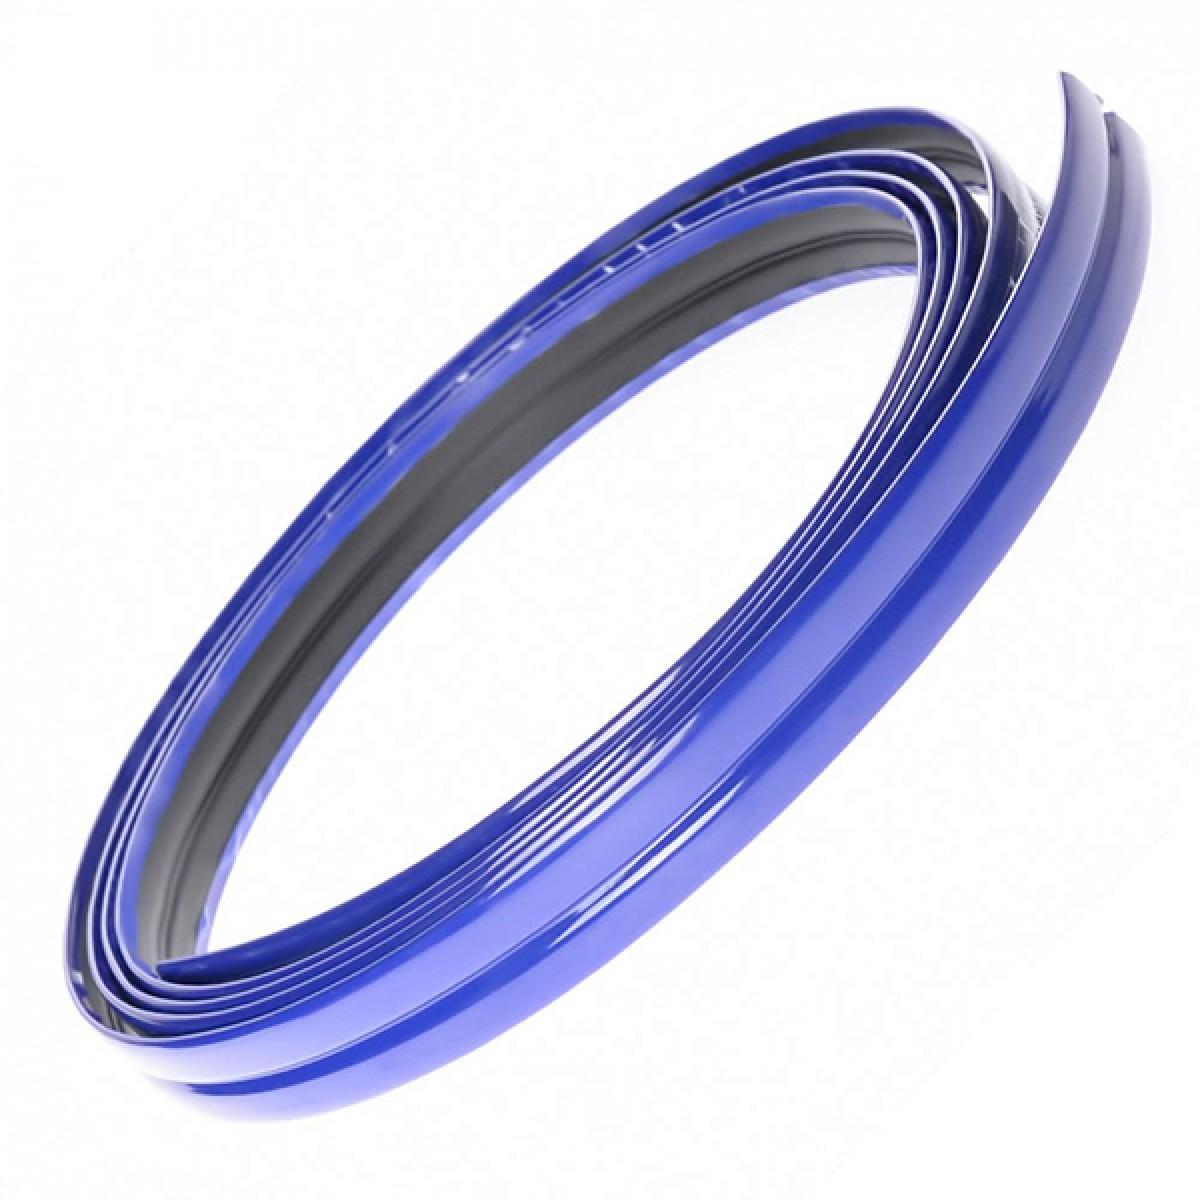 Αυτοκόλλητη ταινία 2m/16mm για τη διακόσμηση του αυτοκινήτου - Μπλε - Carsun LA-010